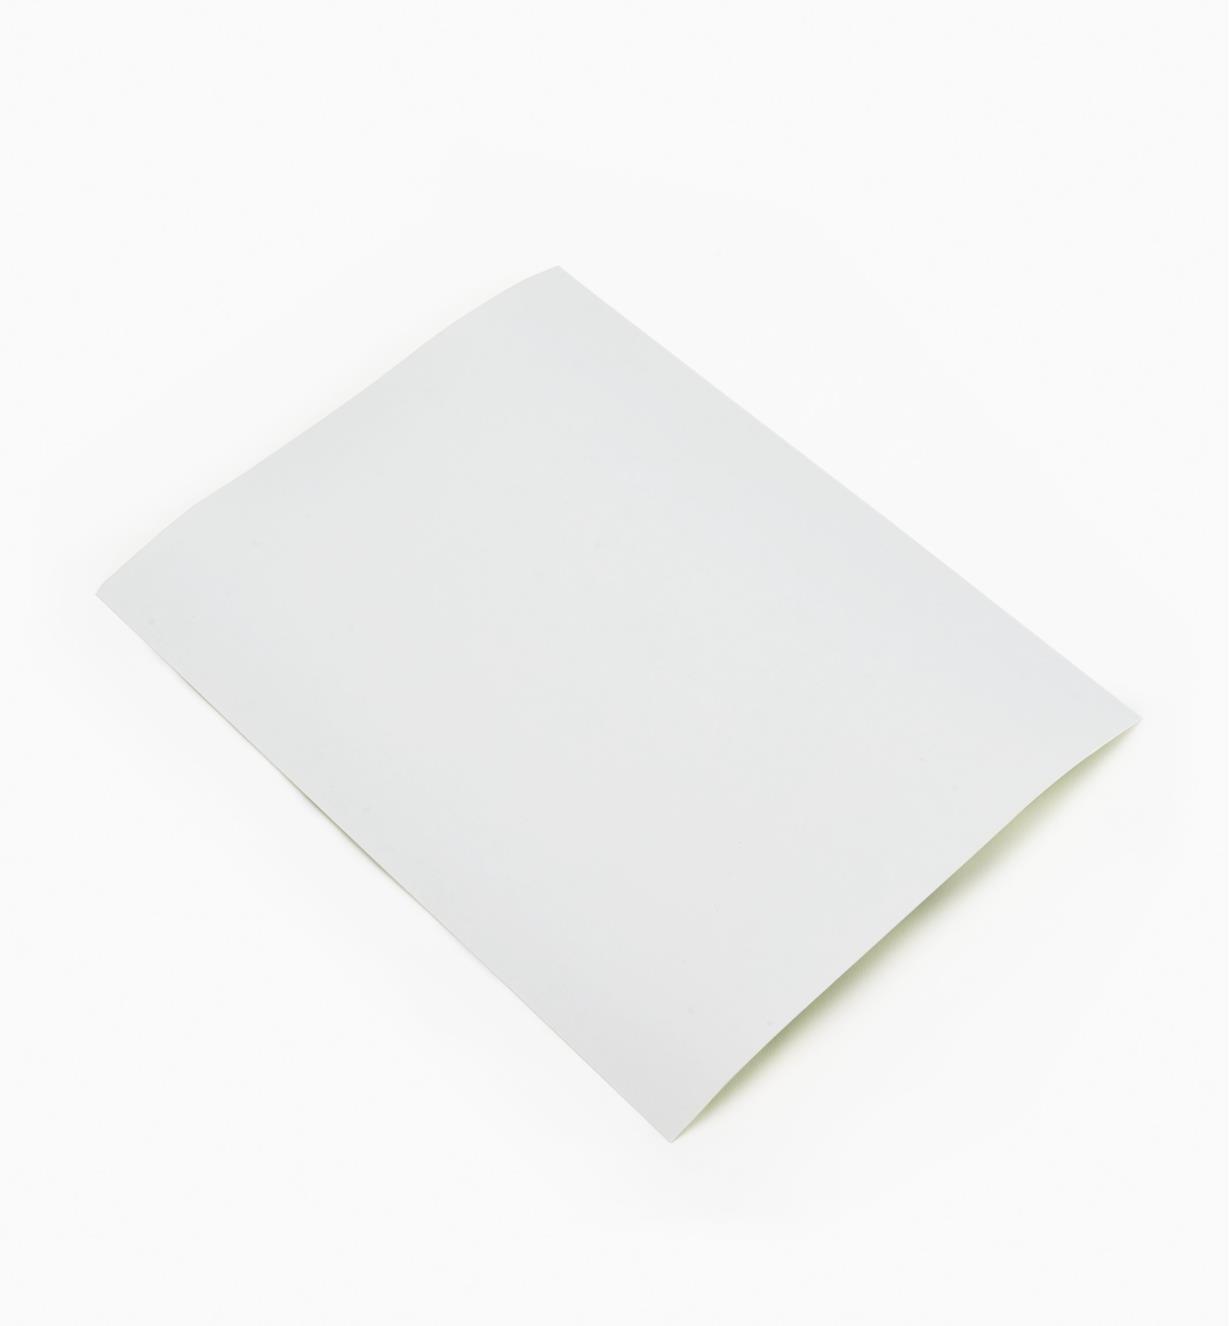 54K9659 - Feuille d'oxyde d'aluminium 0,3µm pour l'affûtage 3M, l'unité